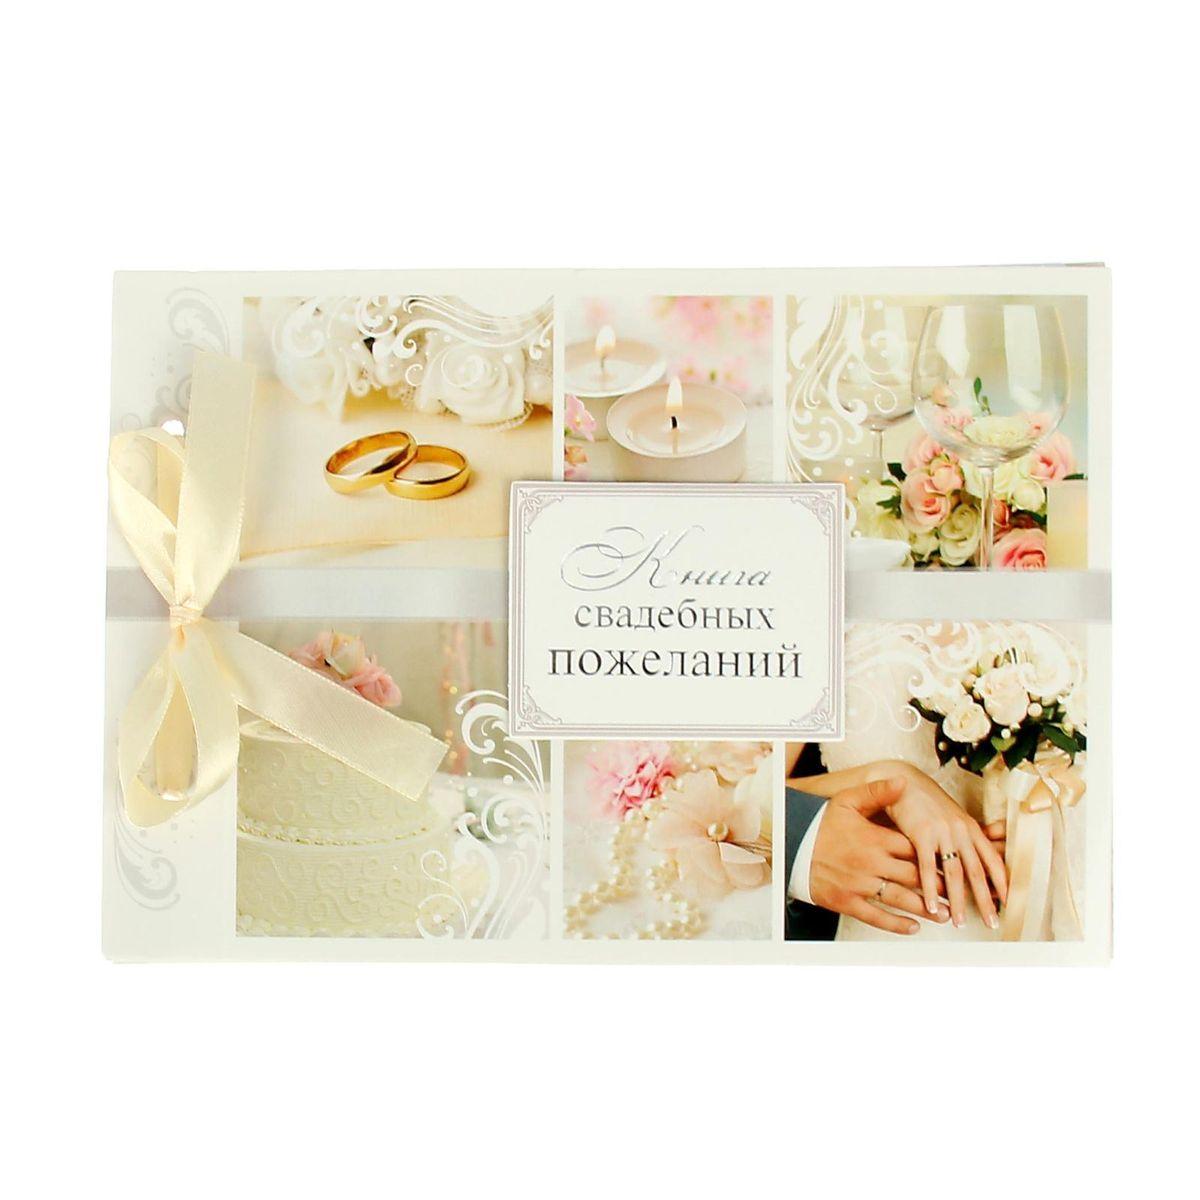 Sima-land Книга свадебных пожеланий на ленте Пусть счастье ваше не кончается..., 24 л., 21 х 14,5 с1252041Теперь добрые слова и светлые поздравления останутся с вами на всю жизнь. Через много лет, перечитывая эту чудесную книгу, вы вместе со своей половинкой будете с улыбкой вспоминать о самом счастливом дне в вашей жизни. Сохраните счастливые воспоминания на долгие годы!